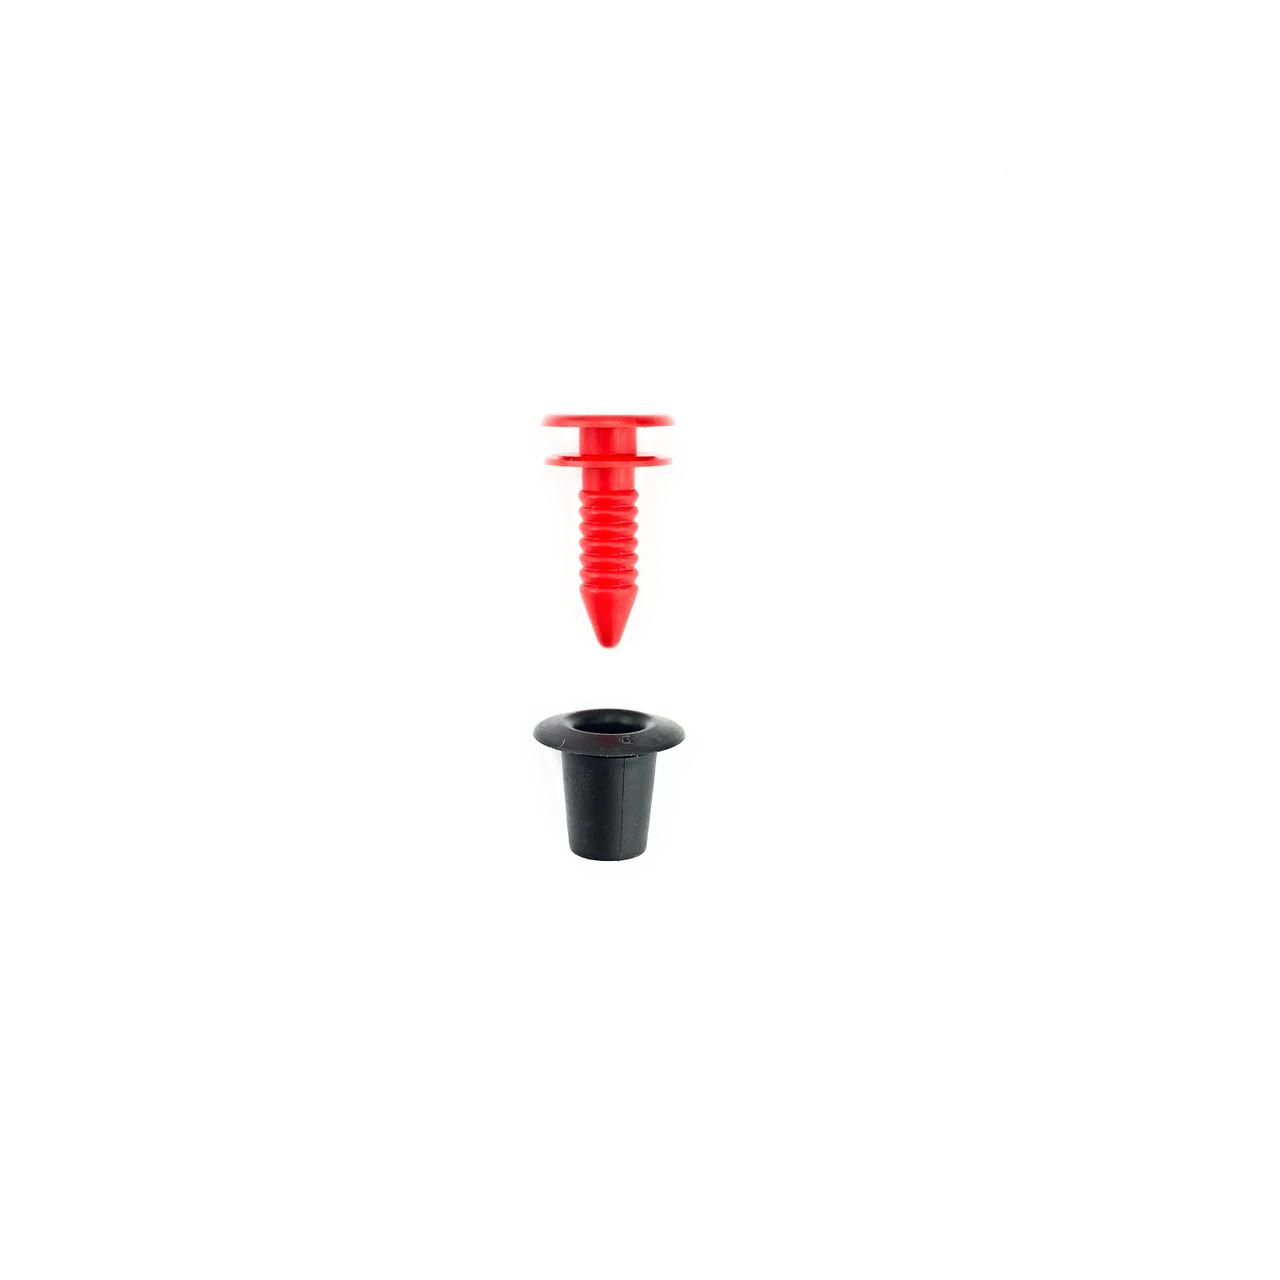 Trim Clips - DKP5279L EYC101460